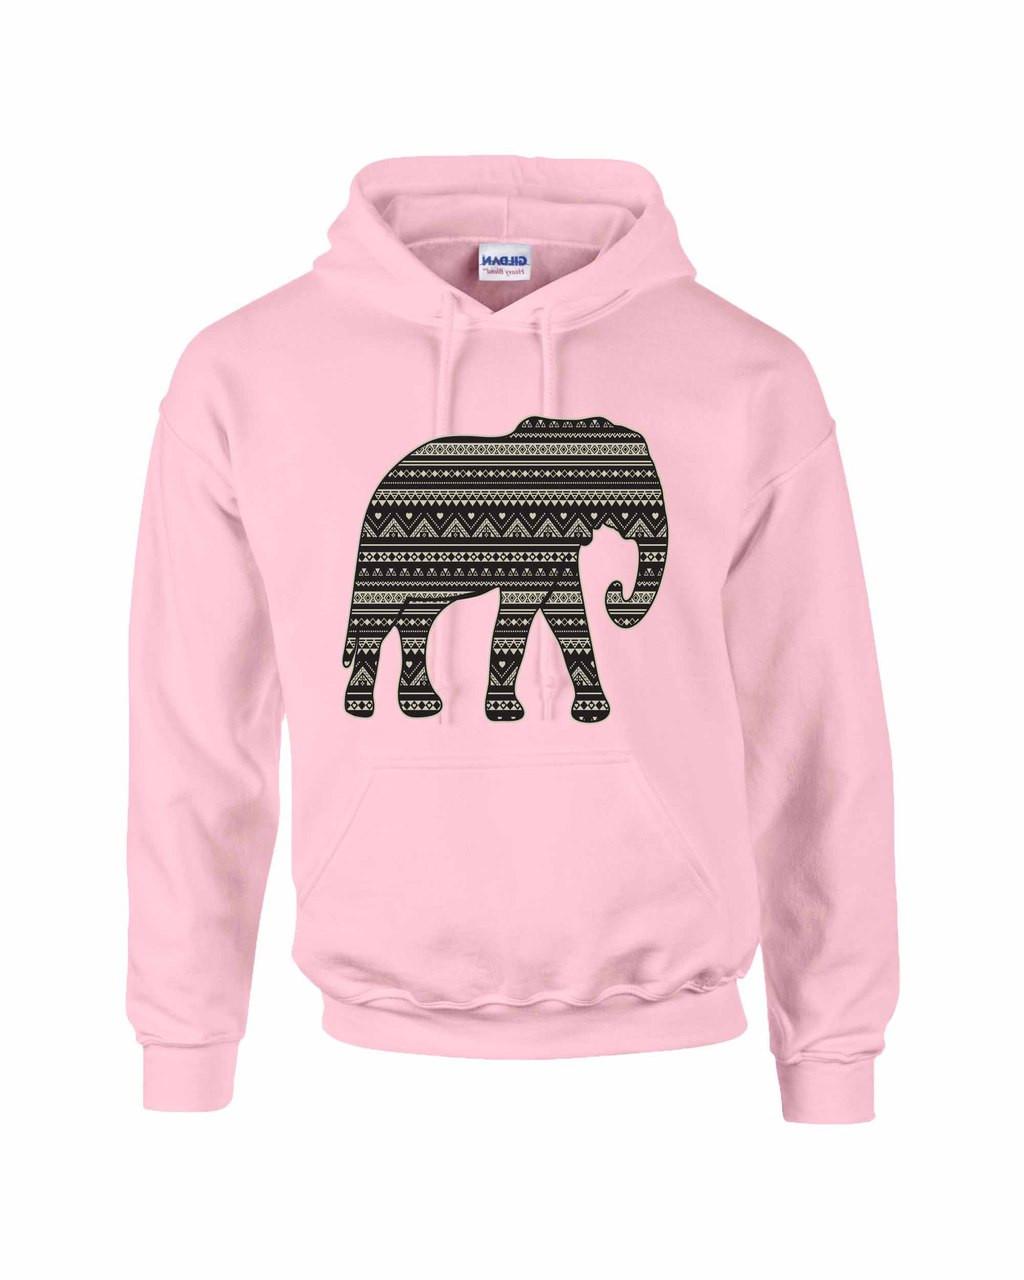 505ba14623dde6 Elephant Women Hooded Sweatshirt. Price   24.99. Image 1